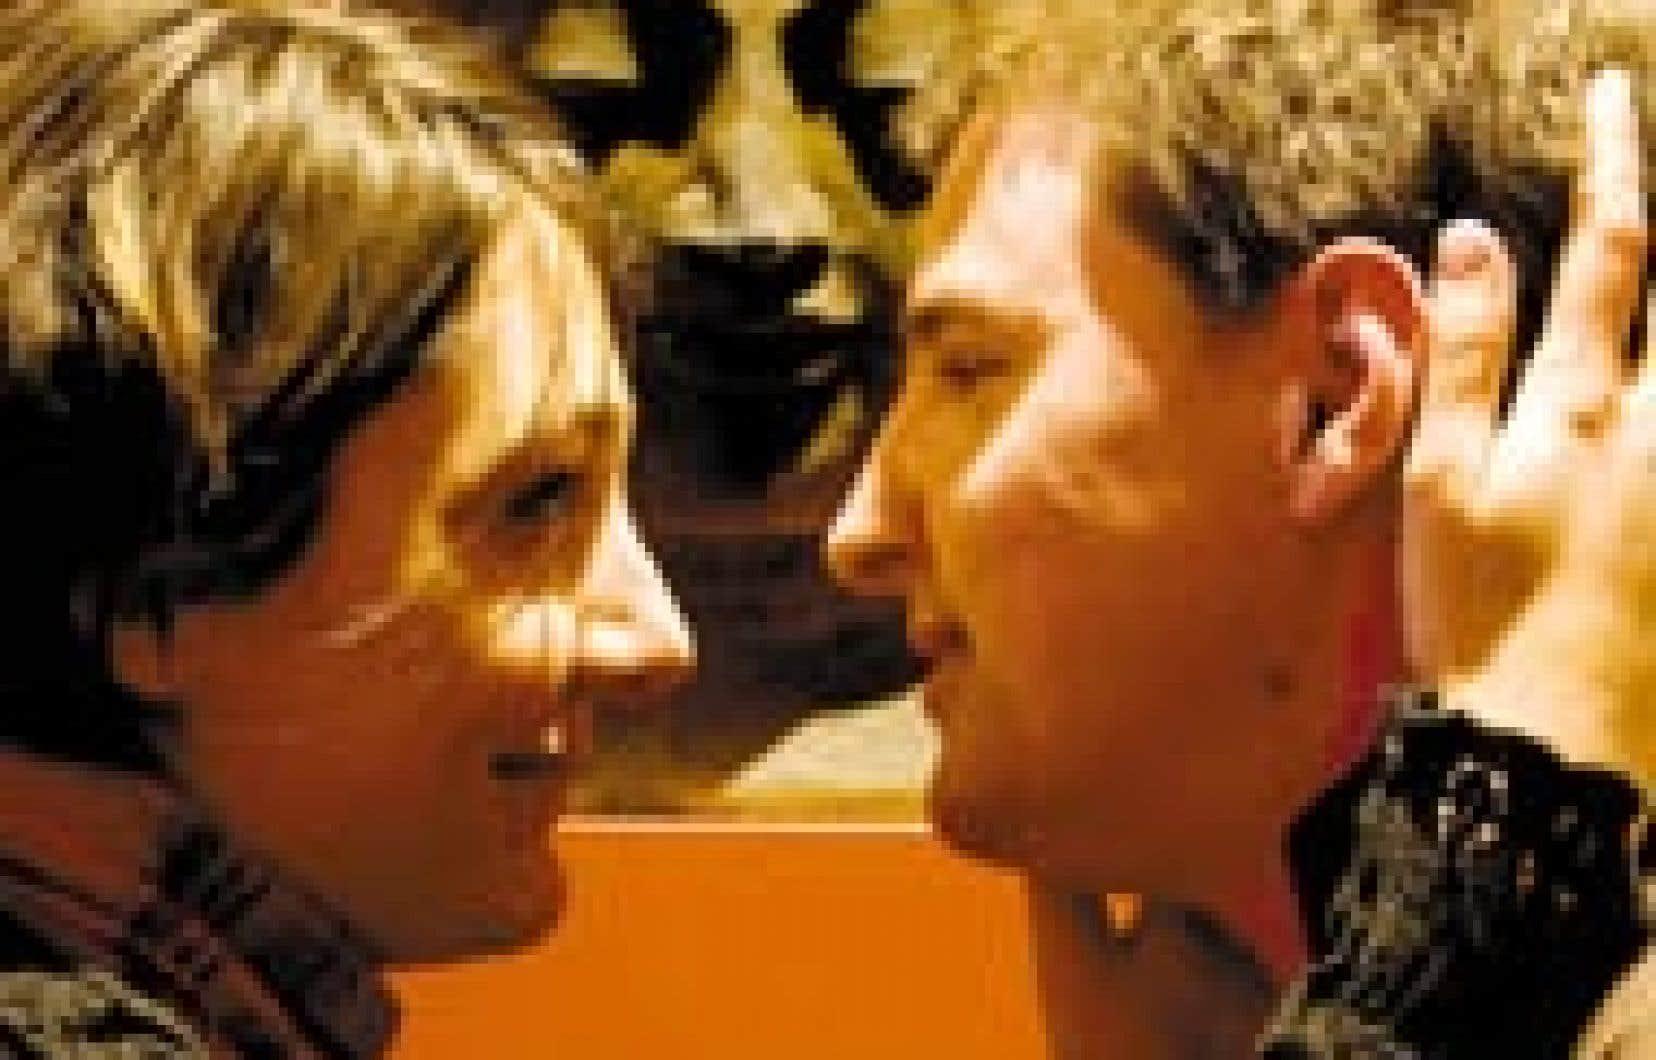 Johanna et Olivier, un couple qui s'est formé il y a sept ans. Le coup de foudre peut mener à un amour durable, à condition....